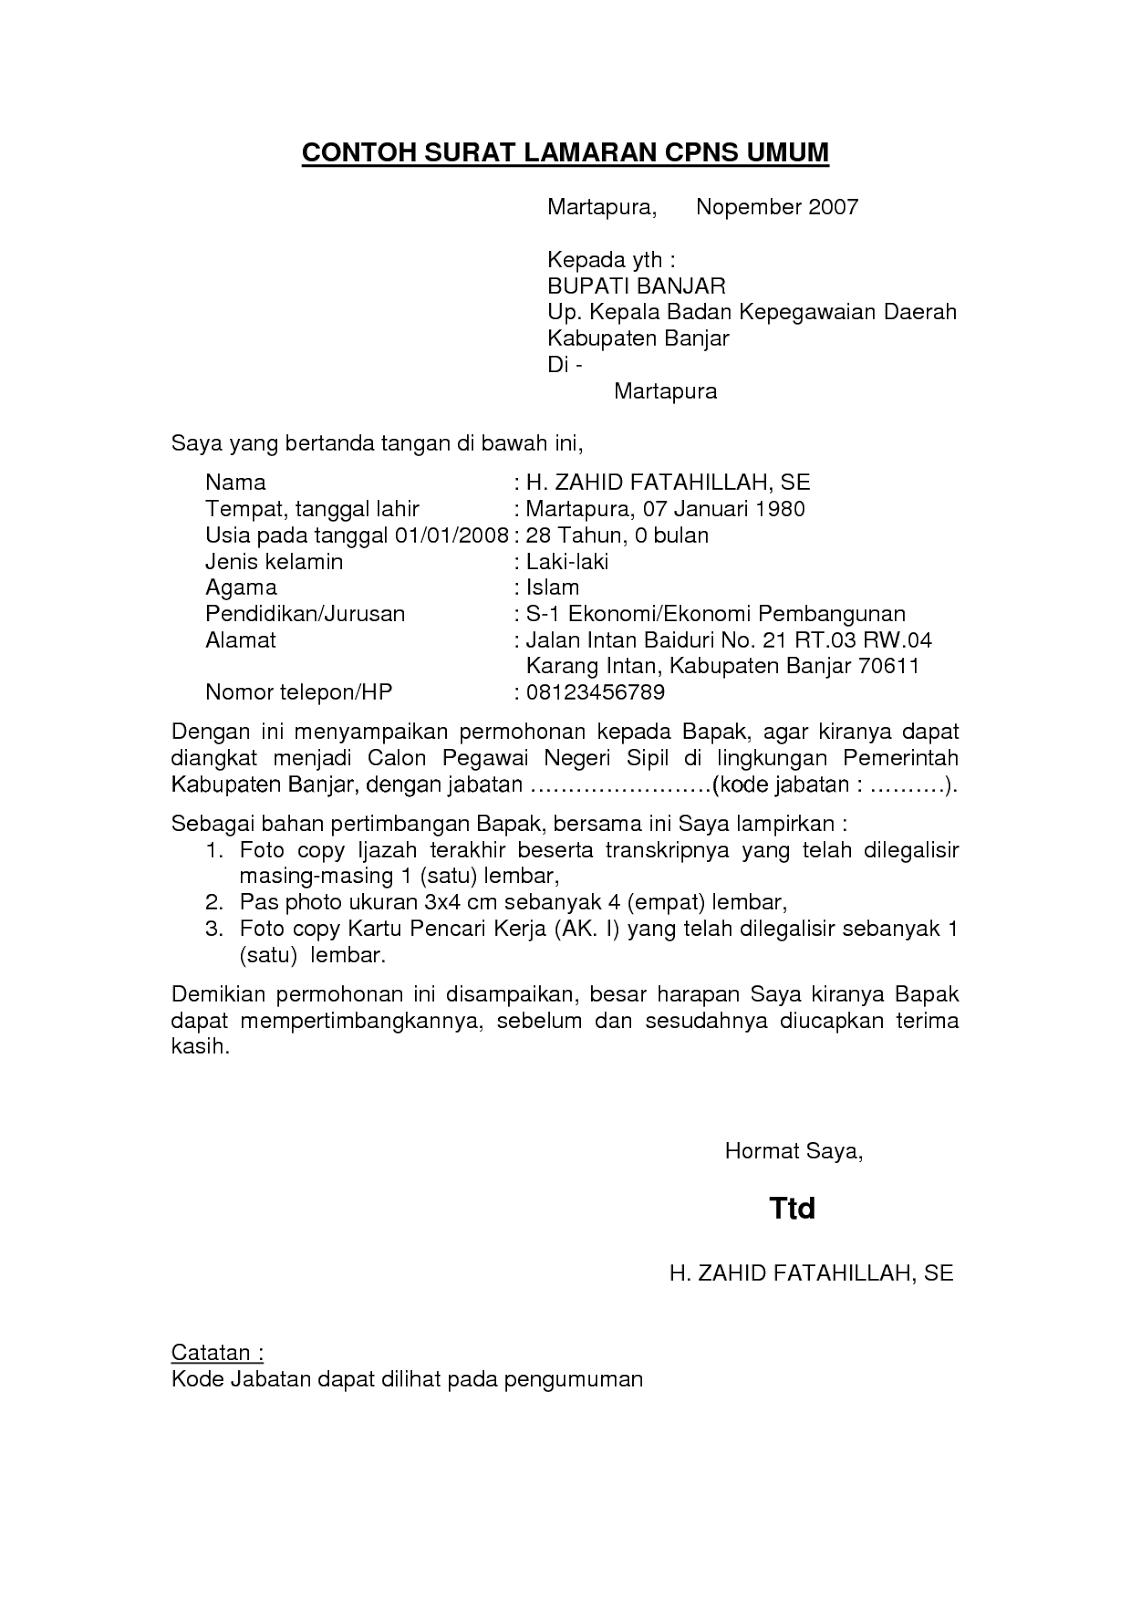 contoh daftar riwayat hidup untuk melamar kerja cpns  Akuntt.com